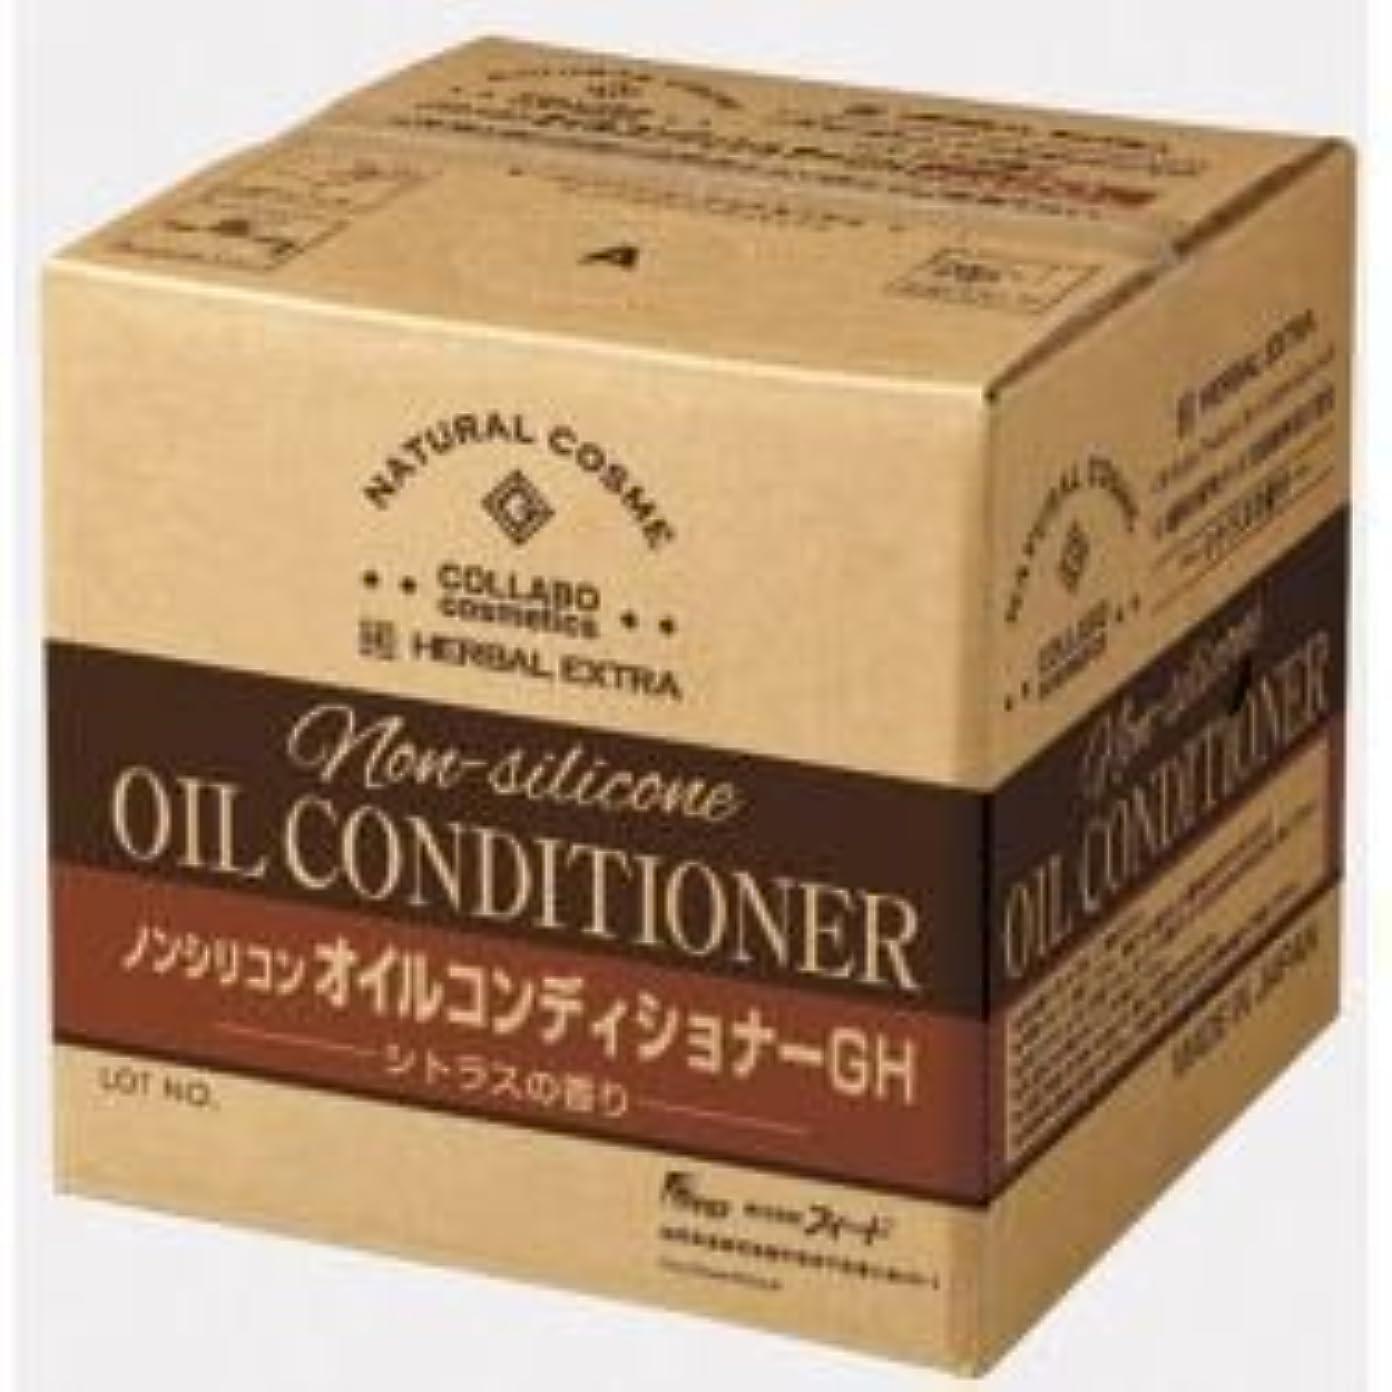 もっと移植依存するゼミド×ハーバルエクストラ ノンシリコンオイルコンディショナーGH シトラスの香り 20L